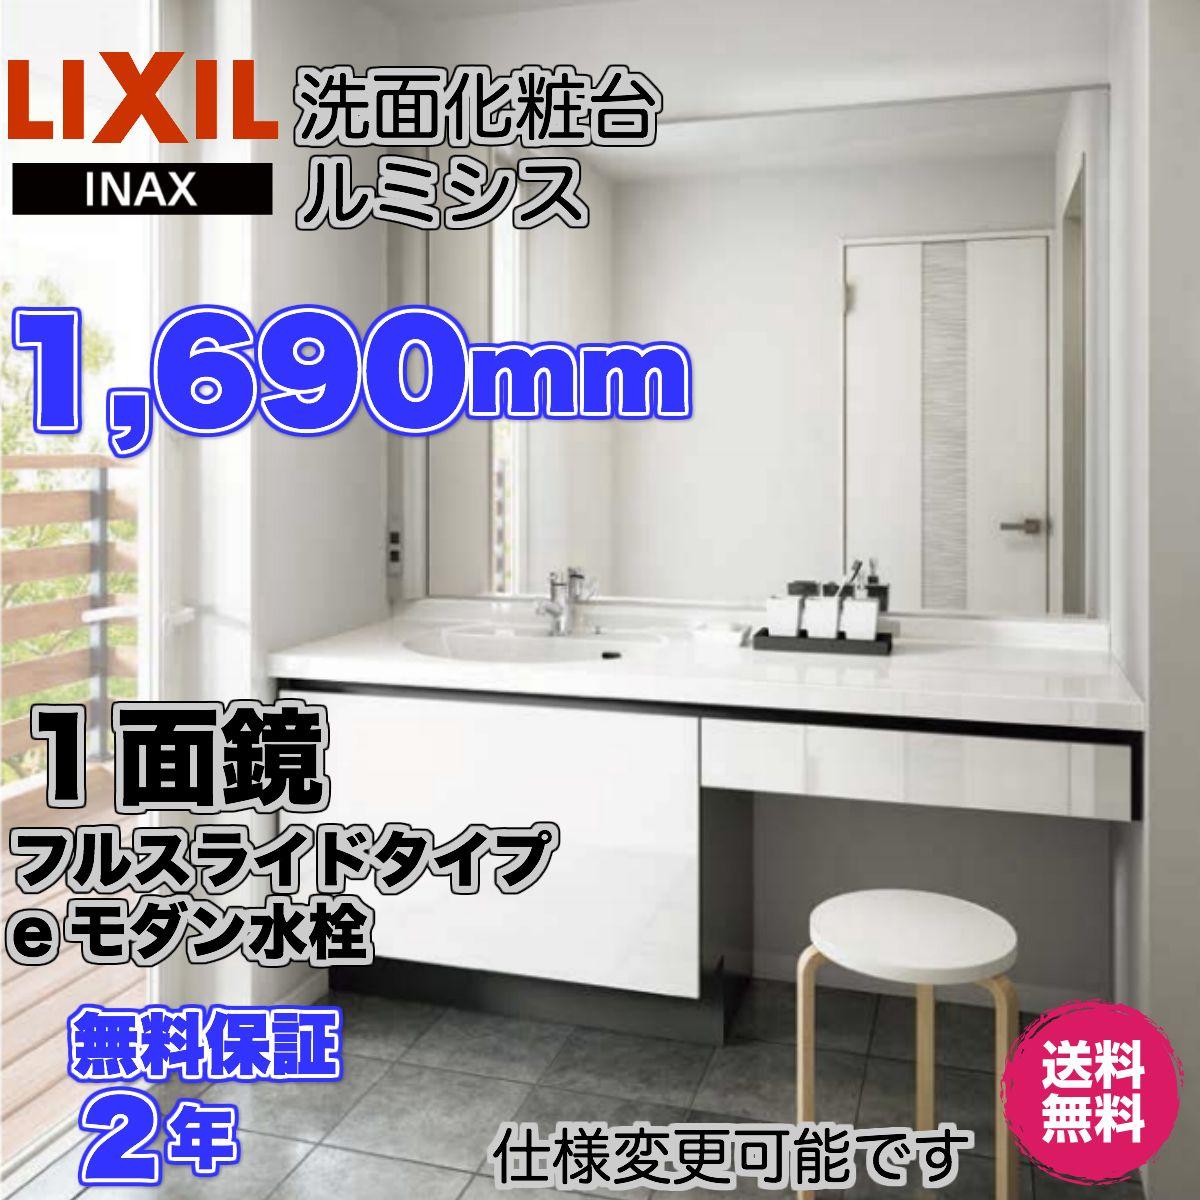 楽天市場 リクシル ルミシス 洗面化粧台 930mm幅 3面鏡 フル